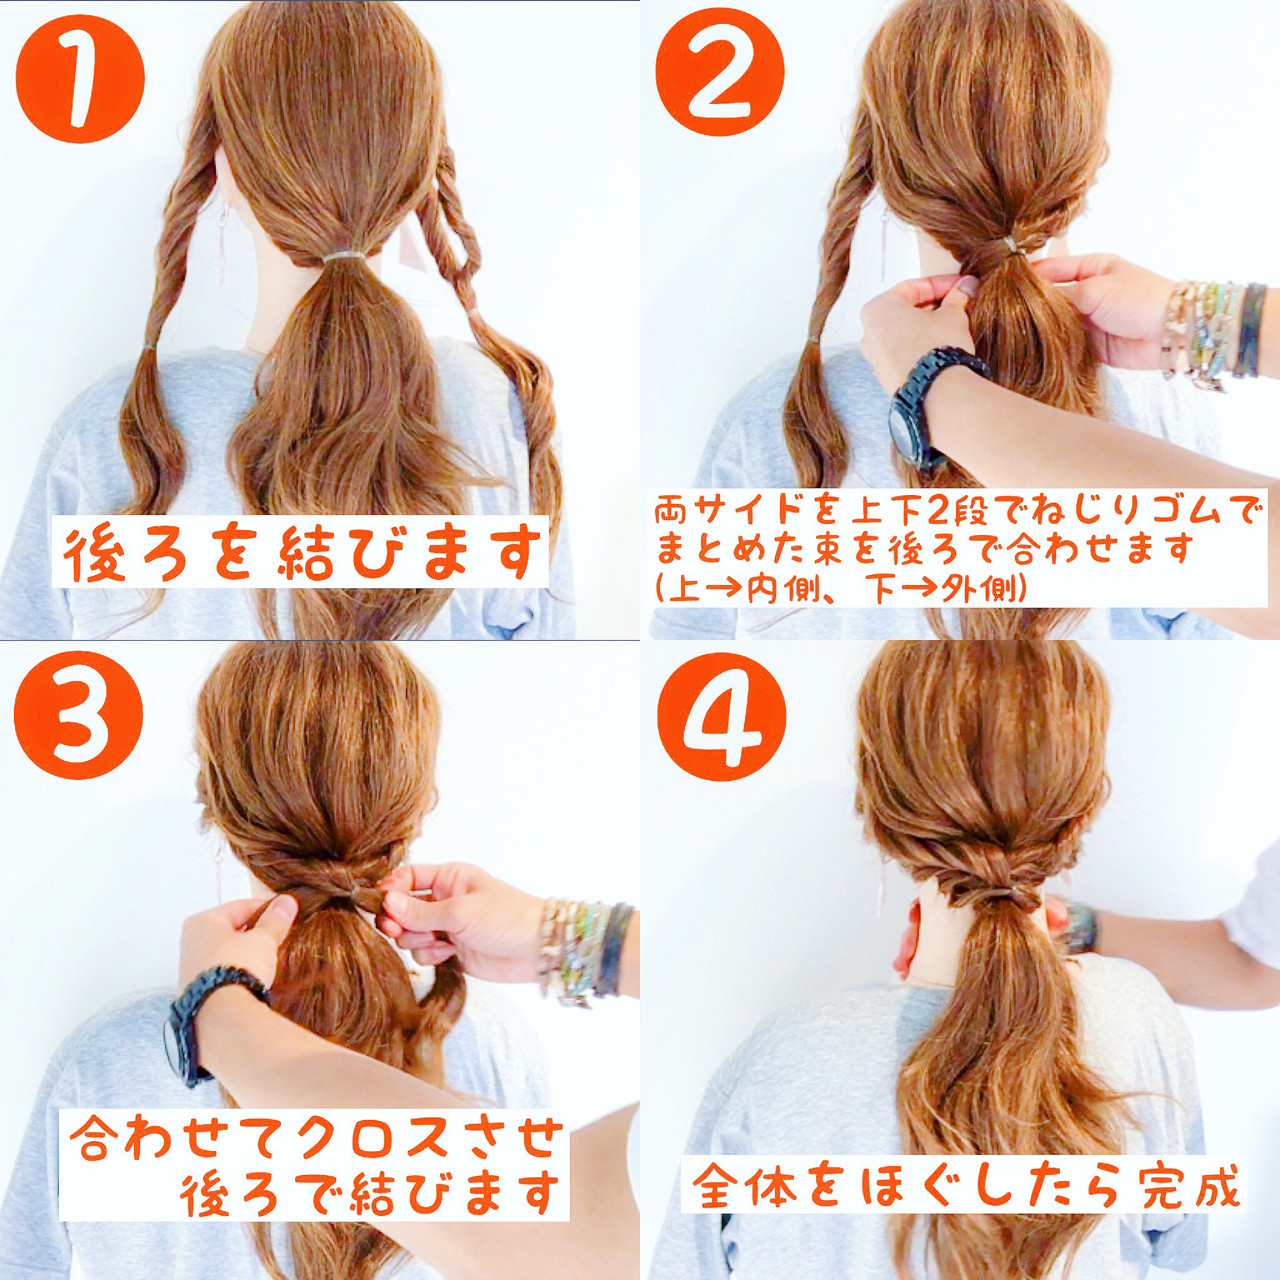 色気 オフィス フェミニン ヘアアレンジ ヘアスタイルや髪型の写真・画像 | 美容師HIRO/Amoute代表 / Amoute/アムティ